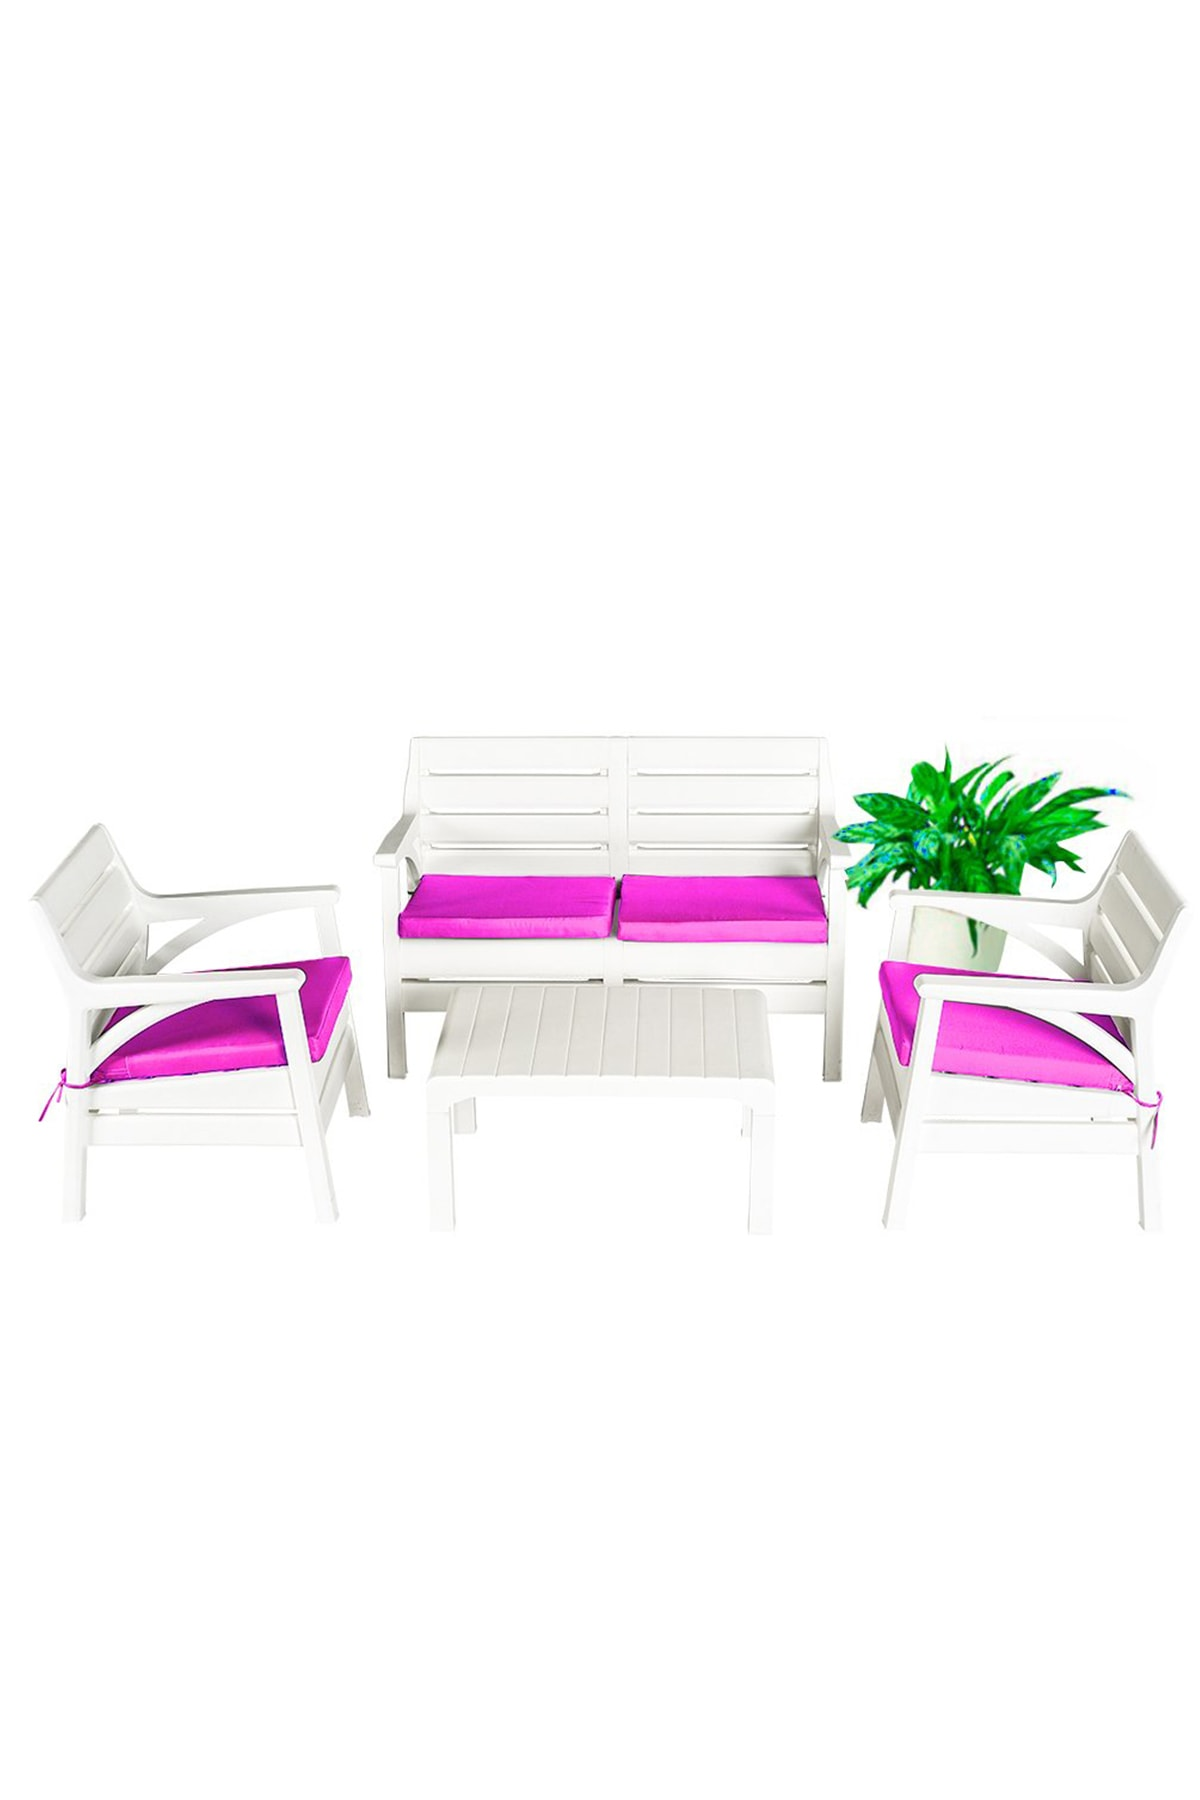 Miami Bahçe Ve Balkon Seti Beyaz Oturma Grubu Pembe Minderli Özel Seri